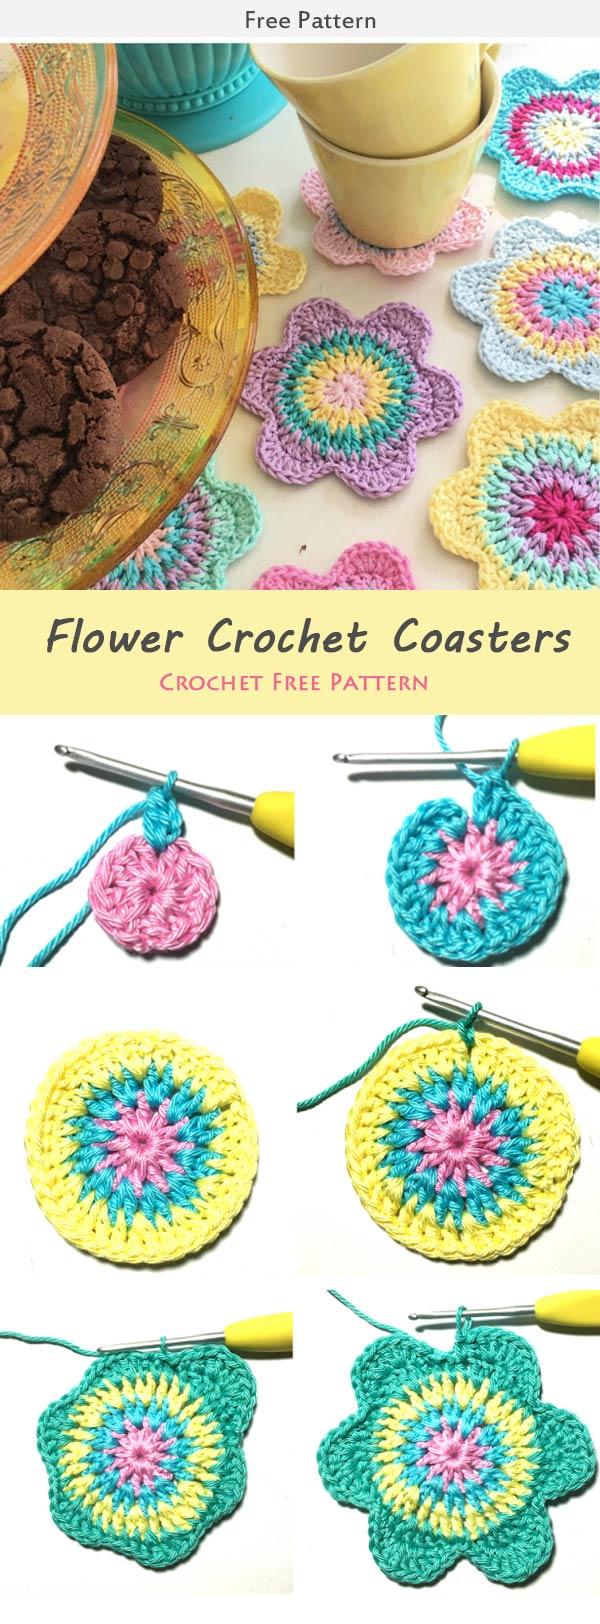 Flower Crochet Coasters Crochet Free Pattern